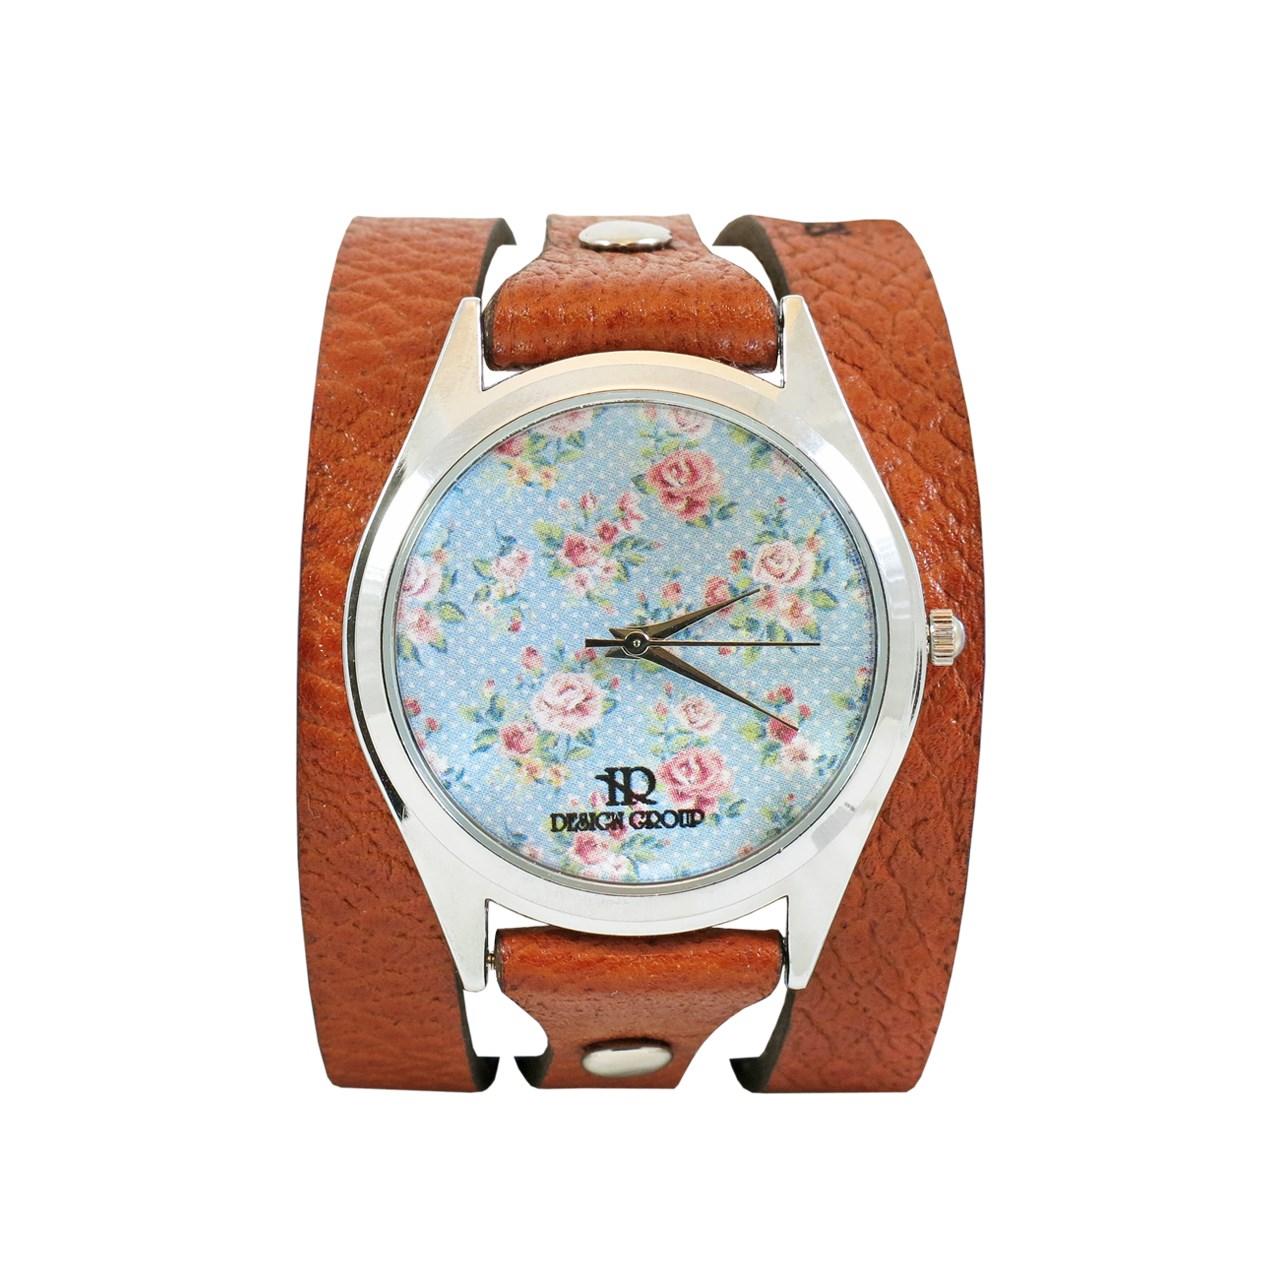 ساعت دست ساز اچ آر دیزاین گروپ مدل 004 51